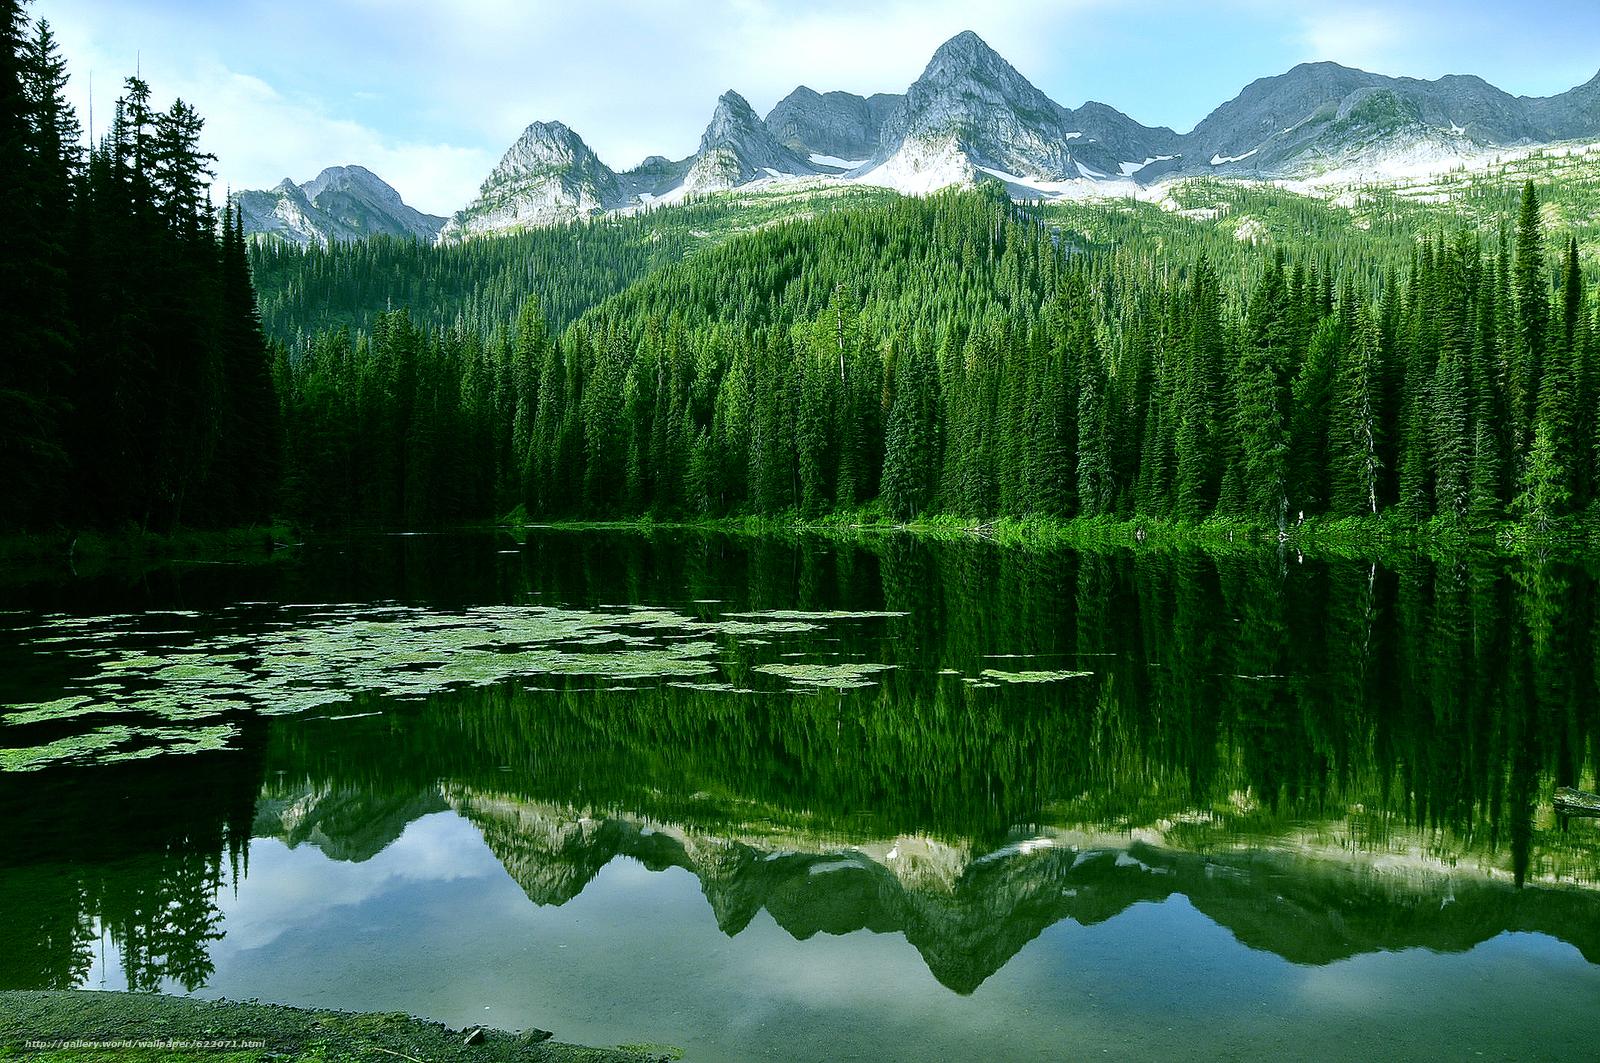 下载壁纸 湖,  山,  树,  景观 免费为您的桌面分辨率的壁纸 2144x1424 — 图片 №622071